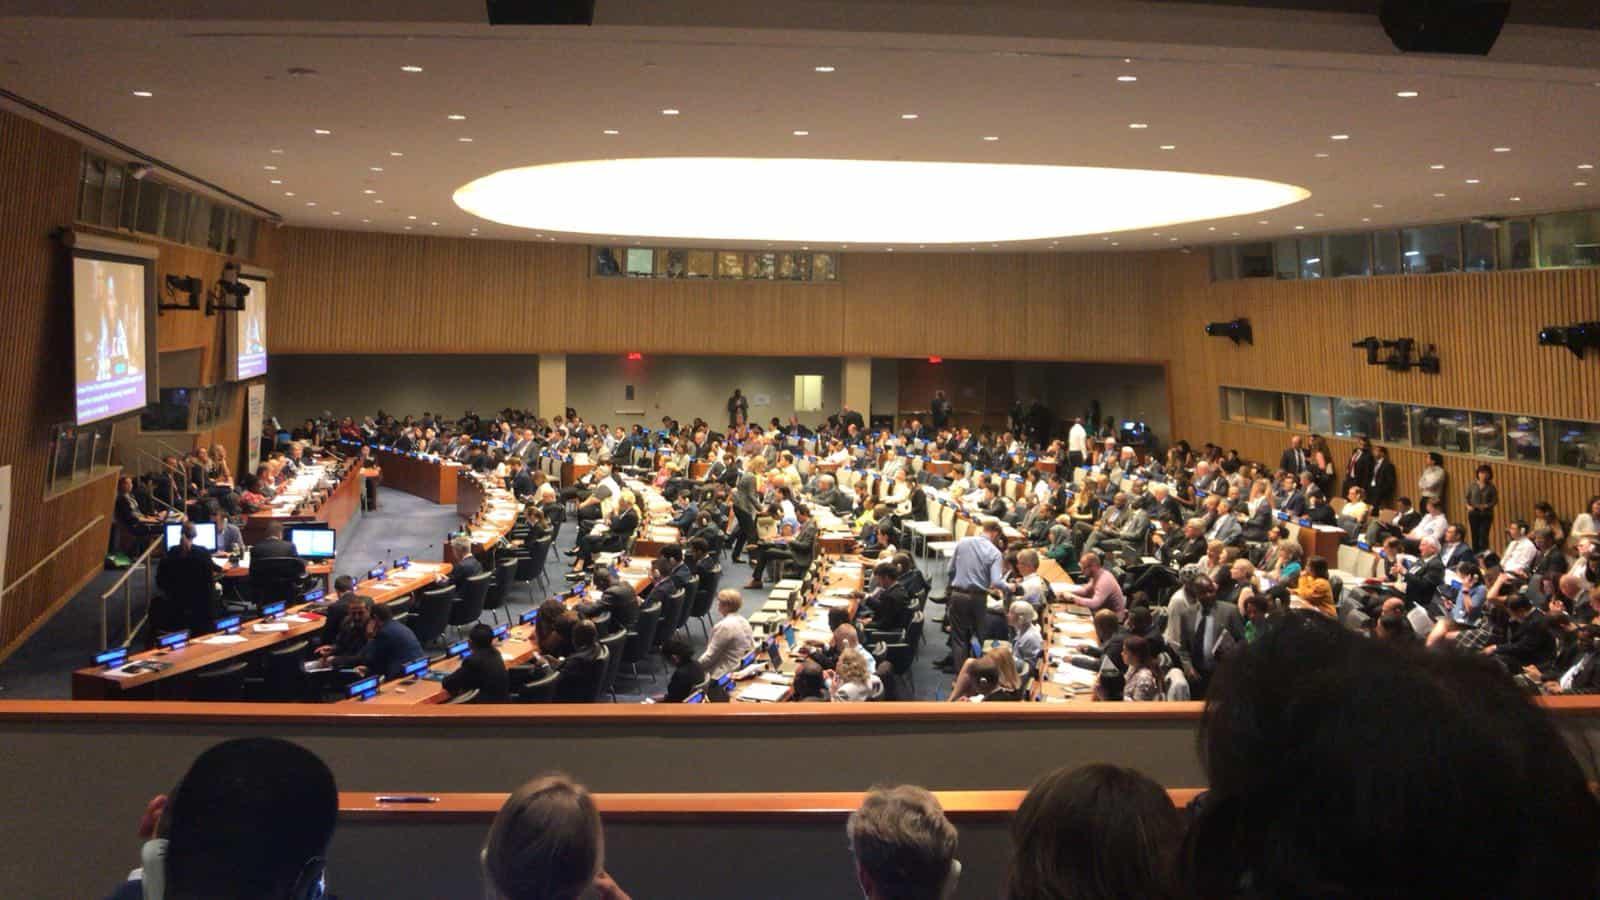 Als Jugendbotschafterin für UN-Kinderrechte und SDGs in New York 2